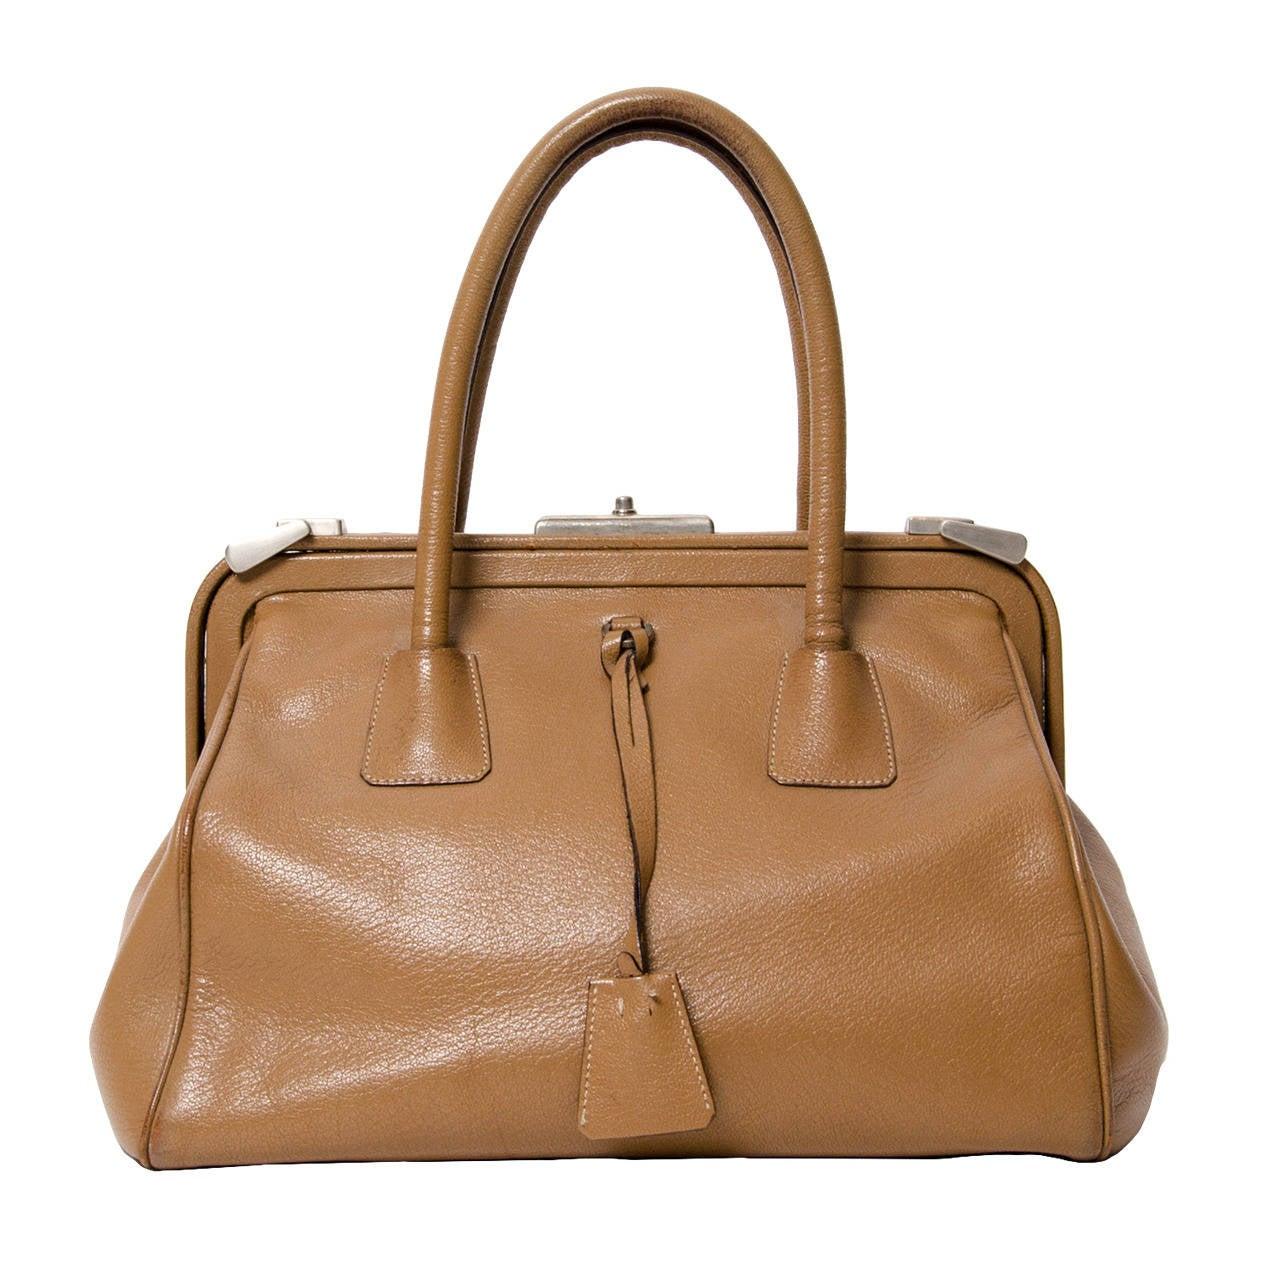 27f263721e541a Prada Leather Madras Cerniera Doctor Bag at 1stdibs